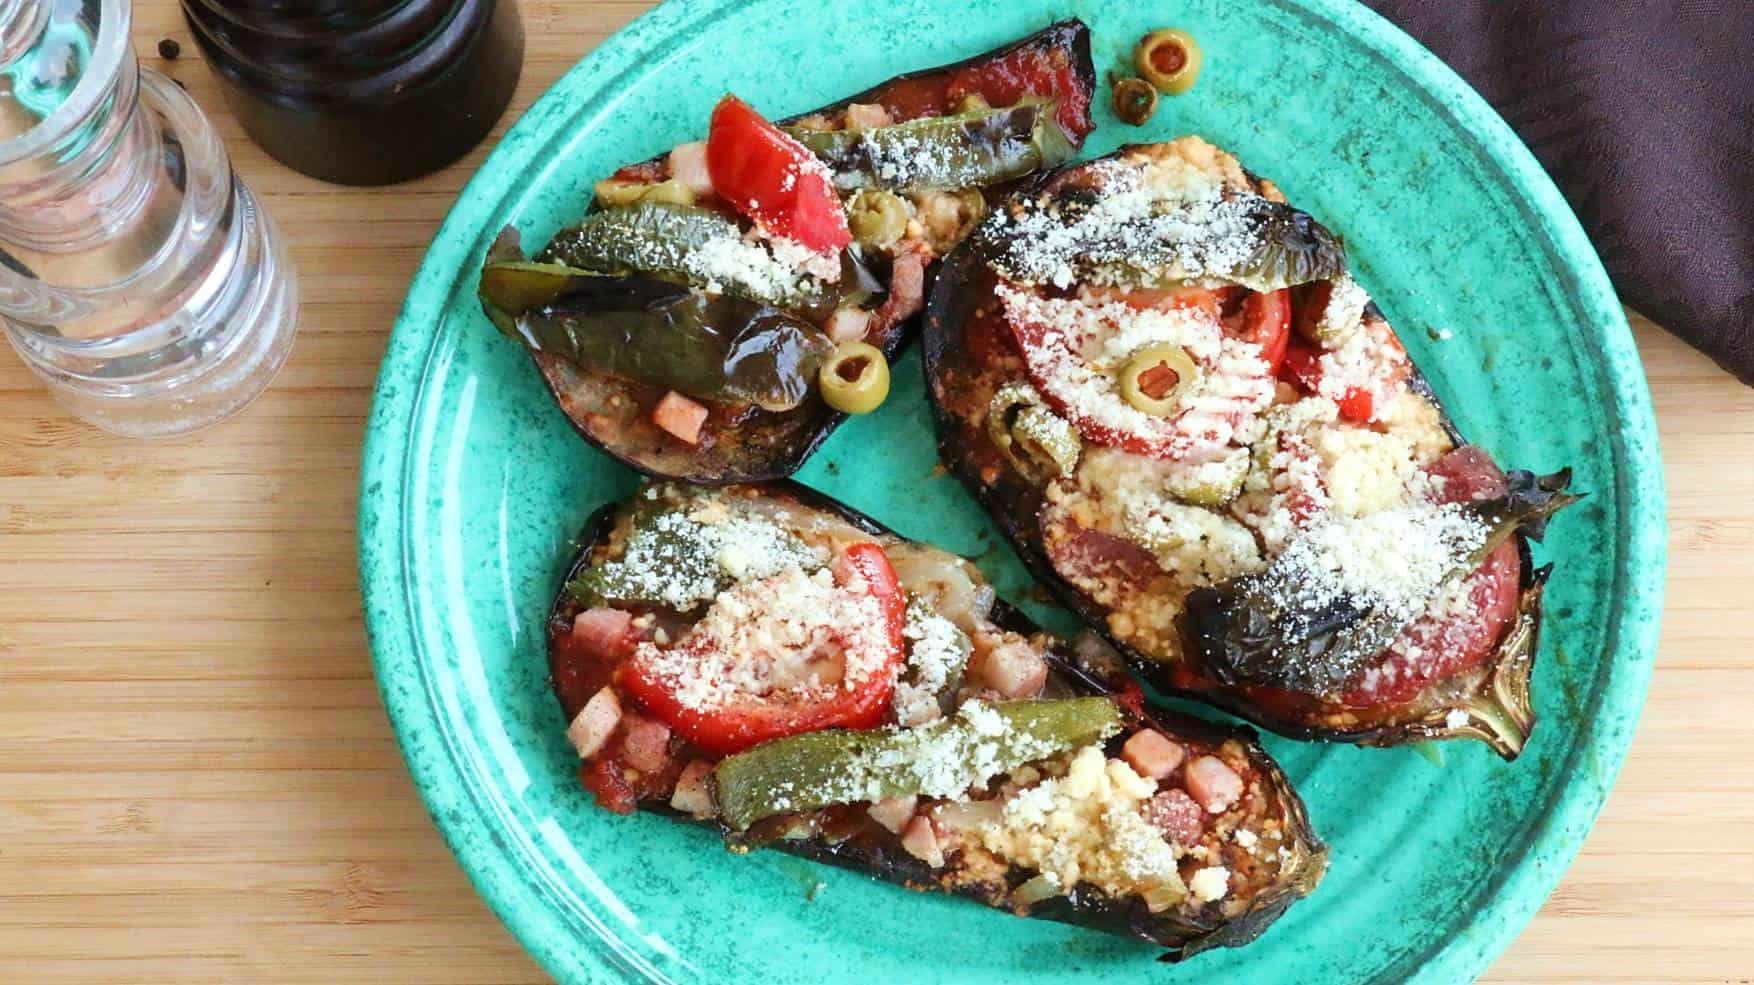 Assiette de présentation de la recette de pizza aubergine.